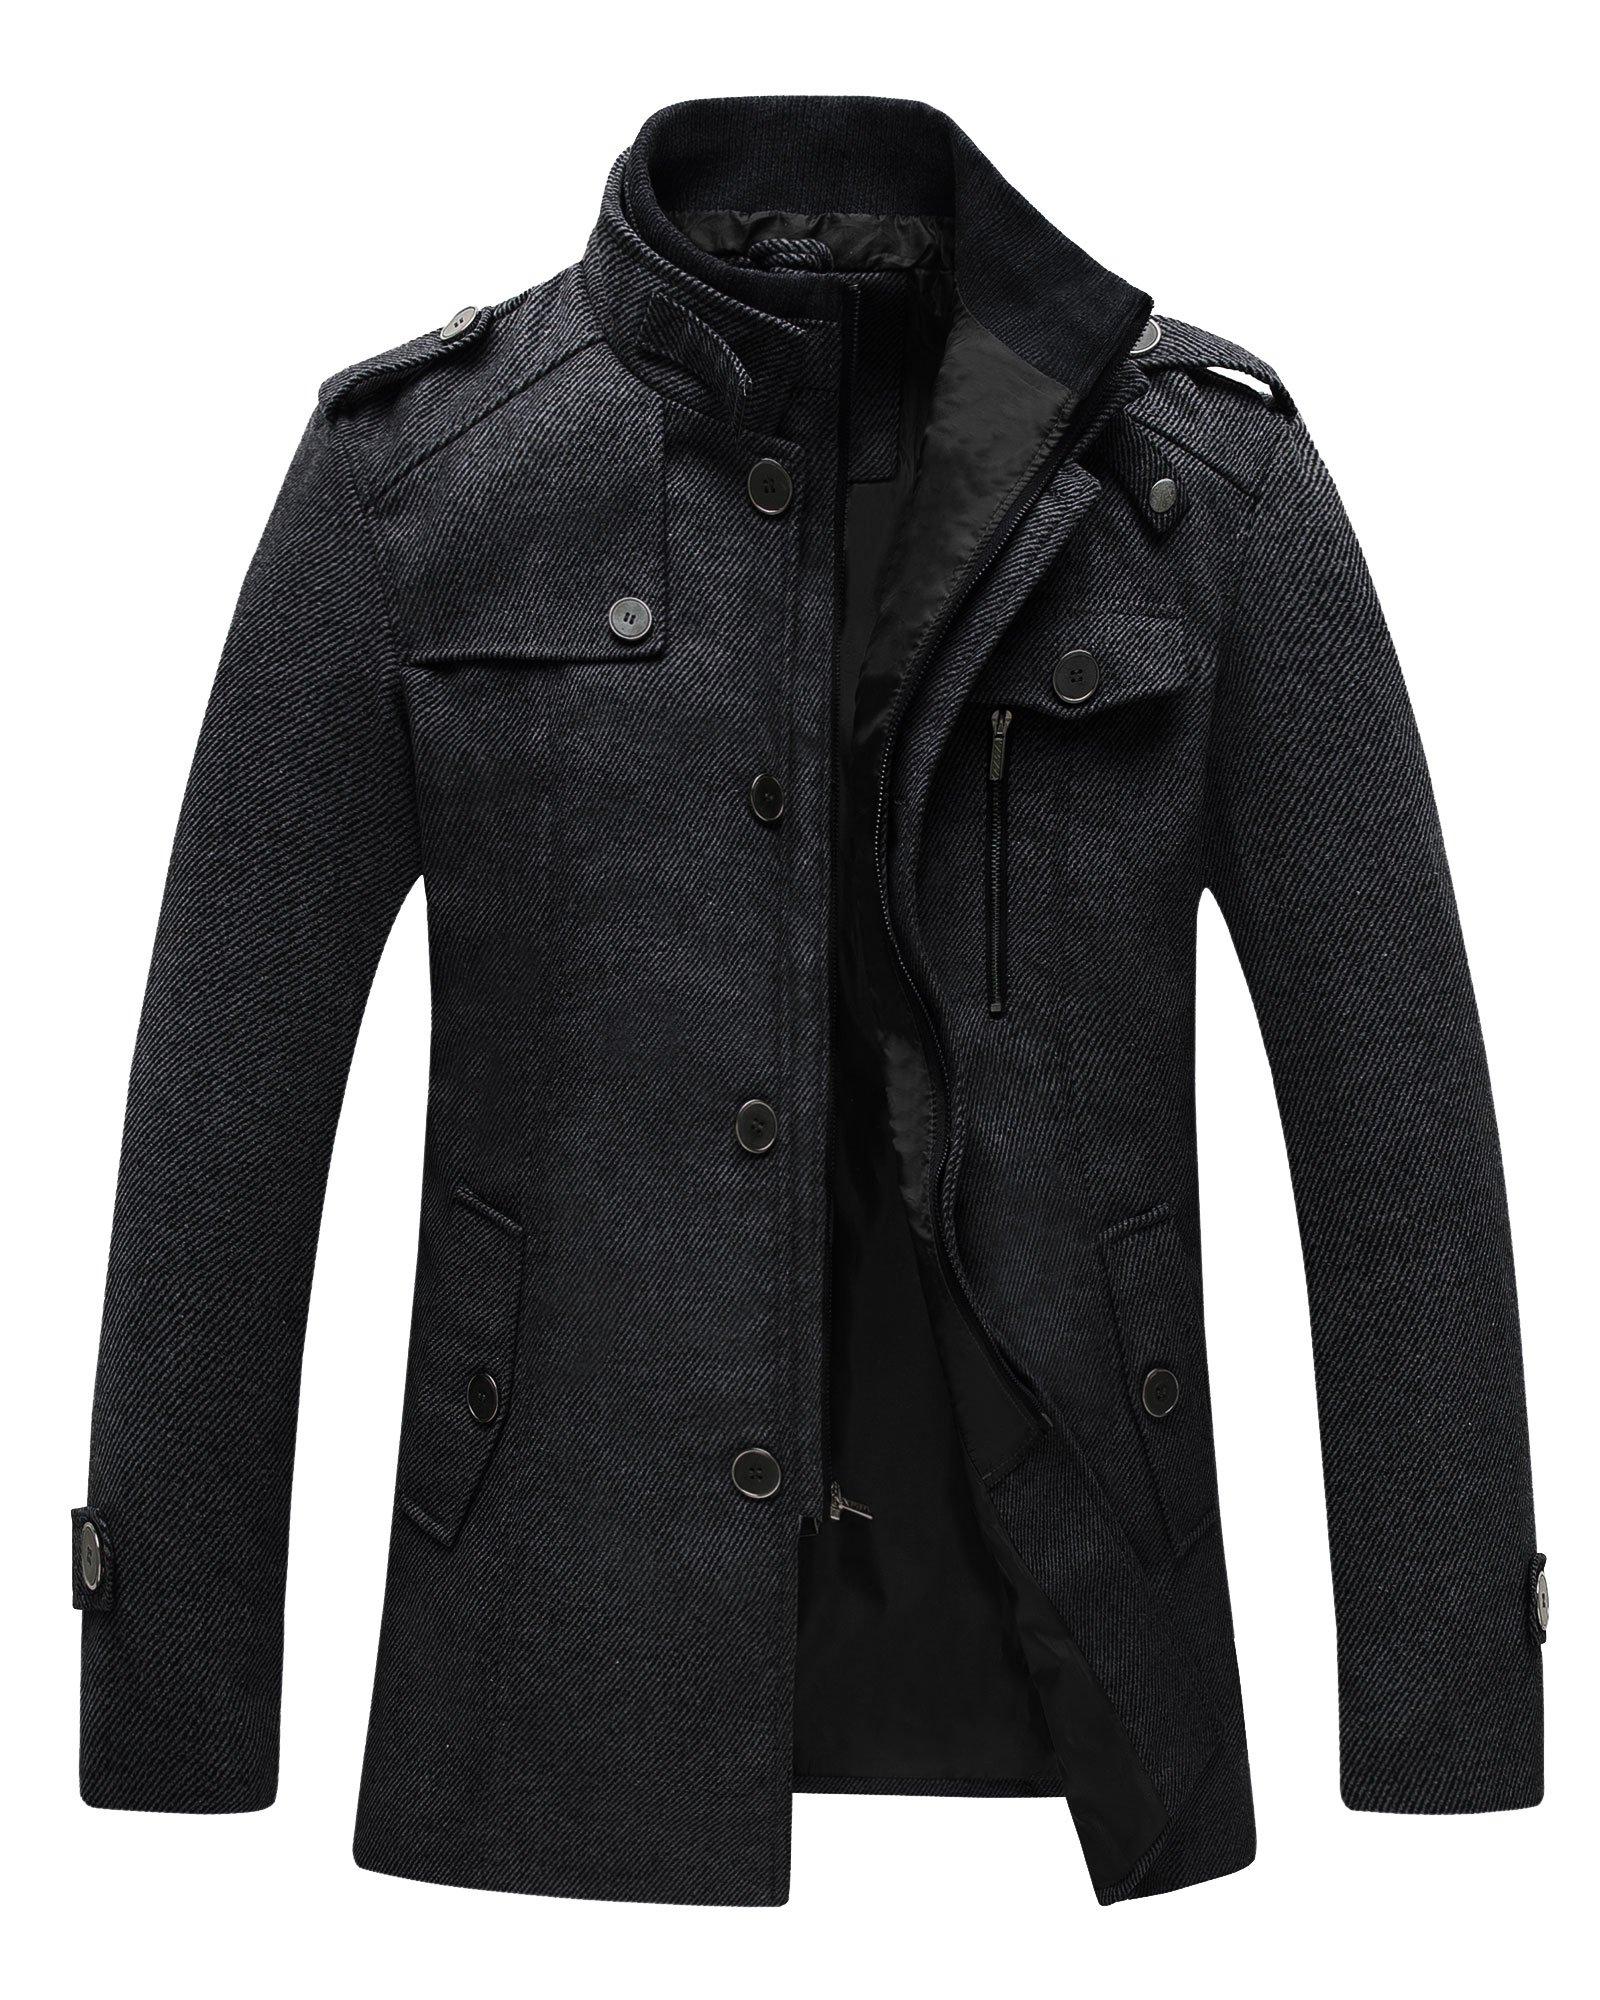 Wantdo Men's Wool Coat Stand Collar Windproof Jacket Overcoat Black Medium